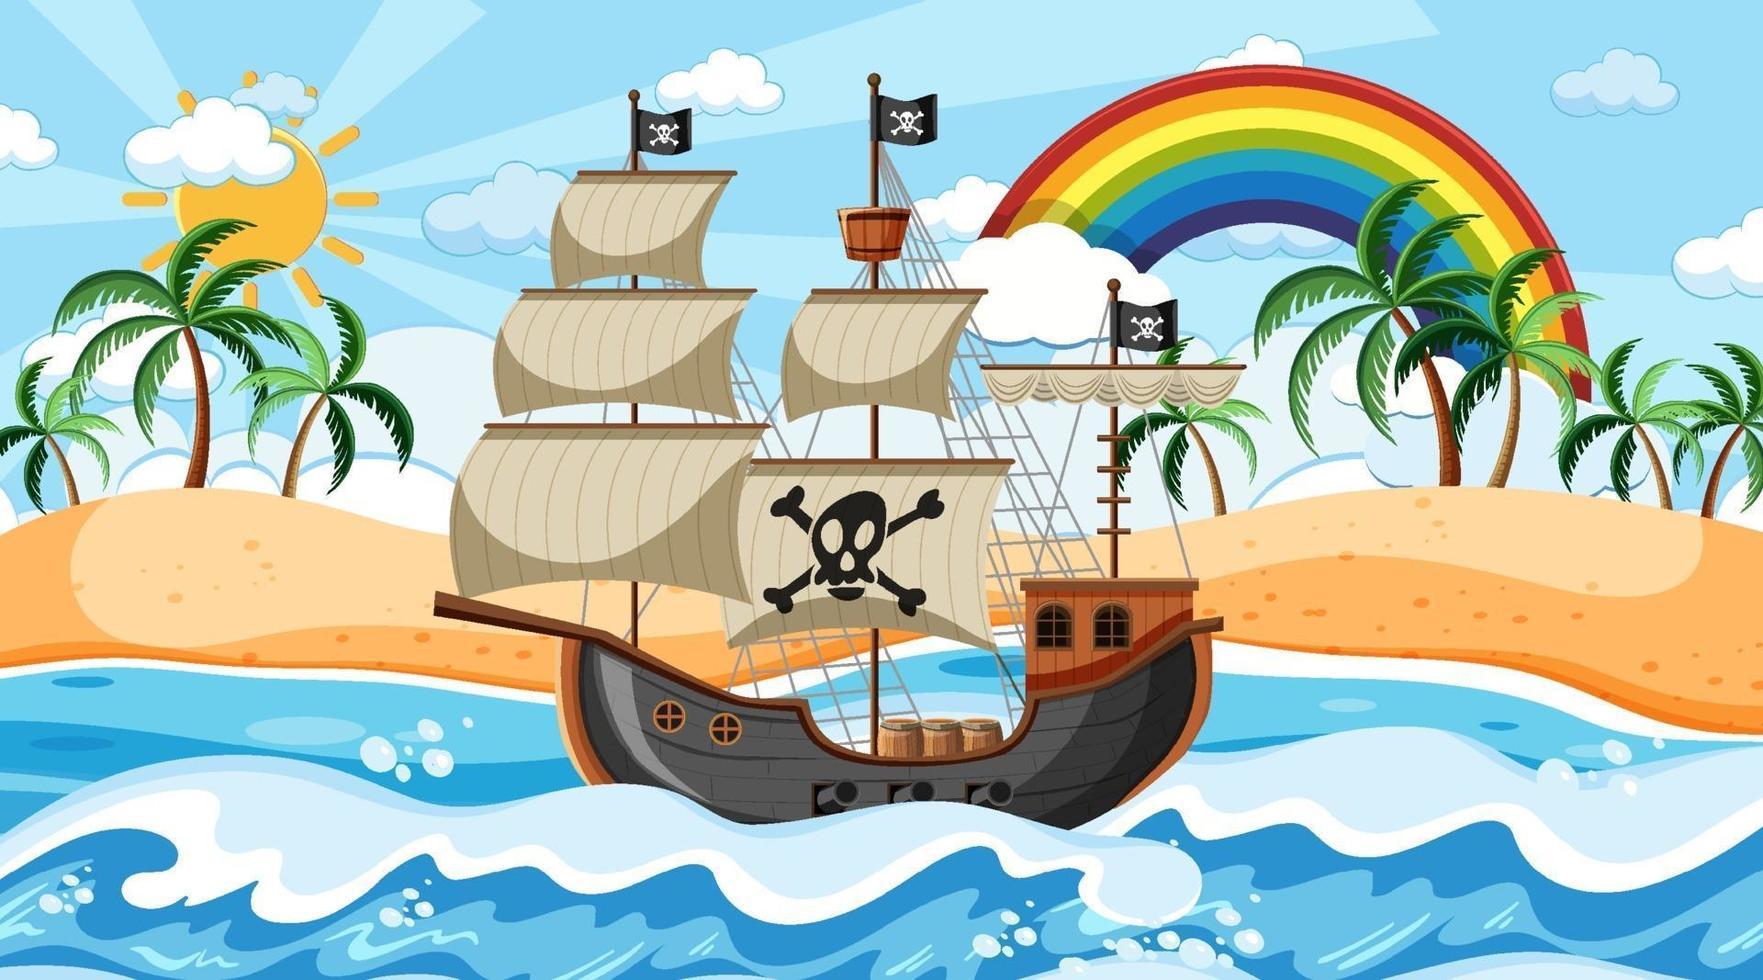 scena dell'oceano durante il giorno con la nave pirata in stile cartone animato vettore